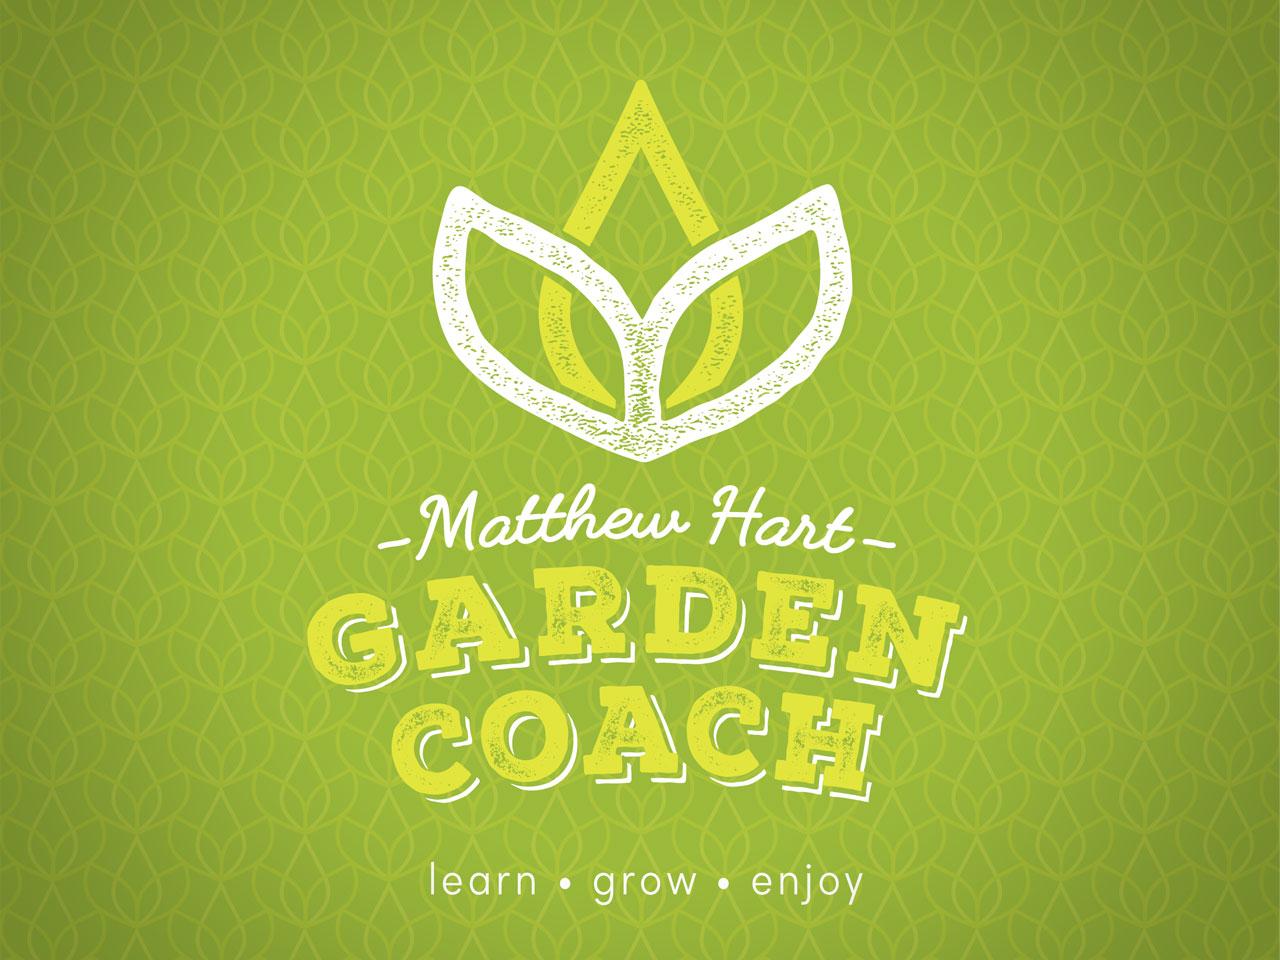 MATTHEW HART GARDEN COACH - Brand Identity Design. Geelong, Surf Coast, Melbourne, Vic, Graphic Design